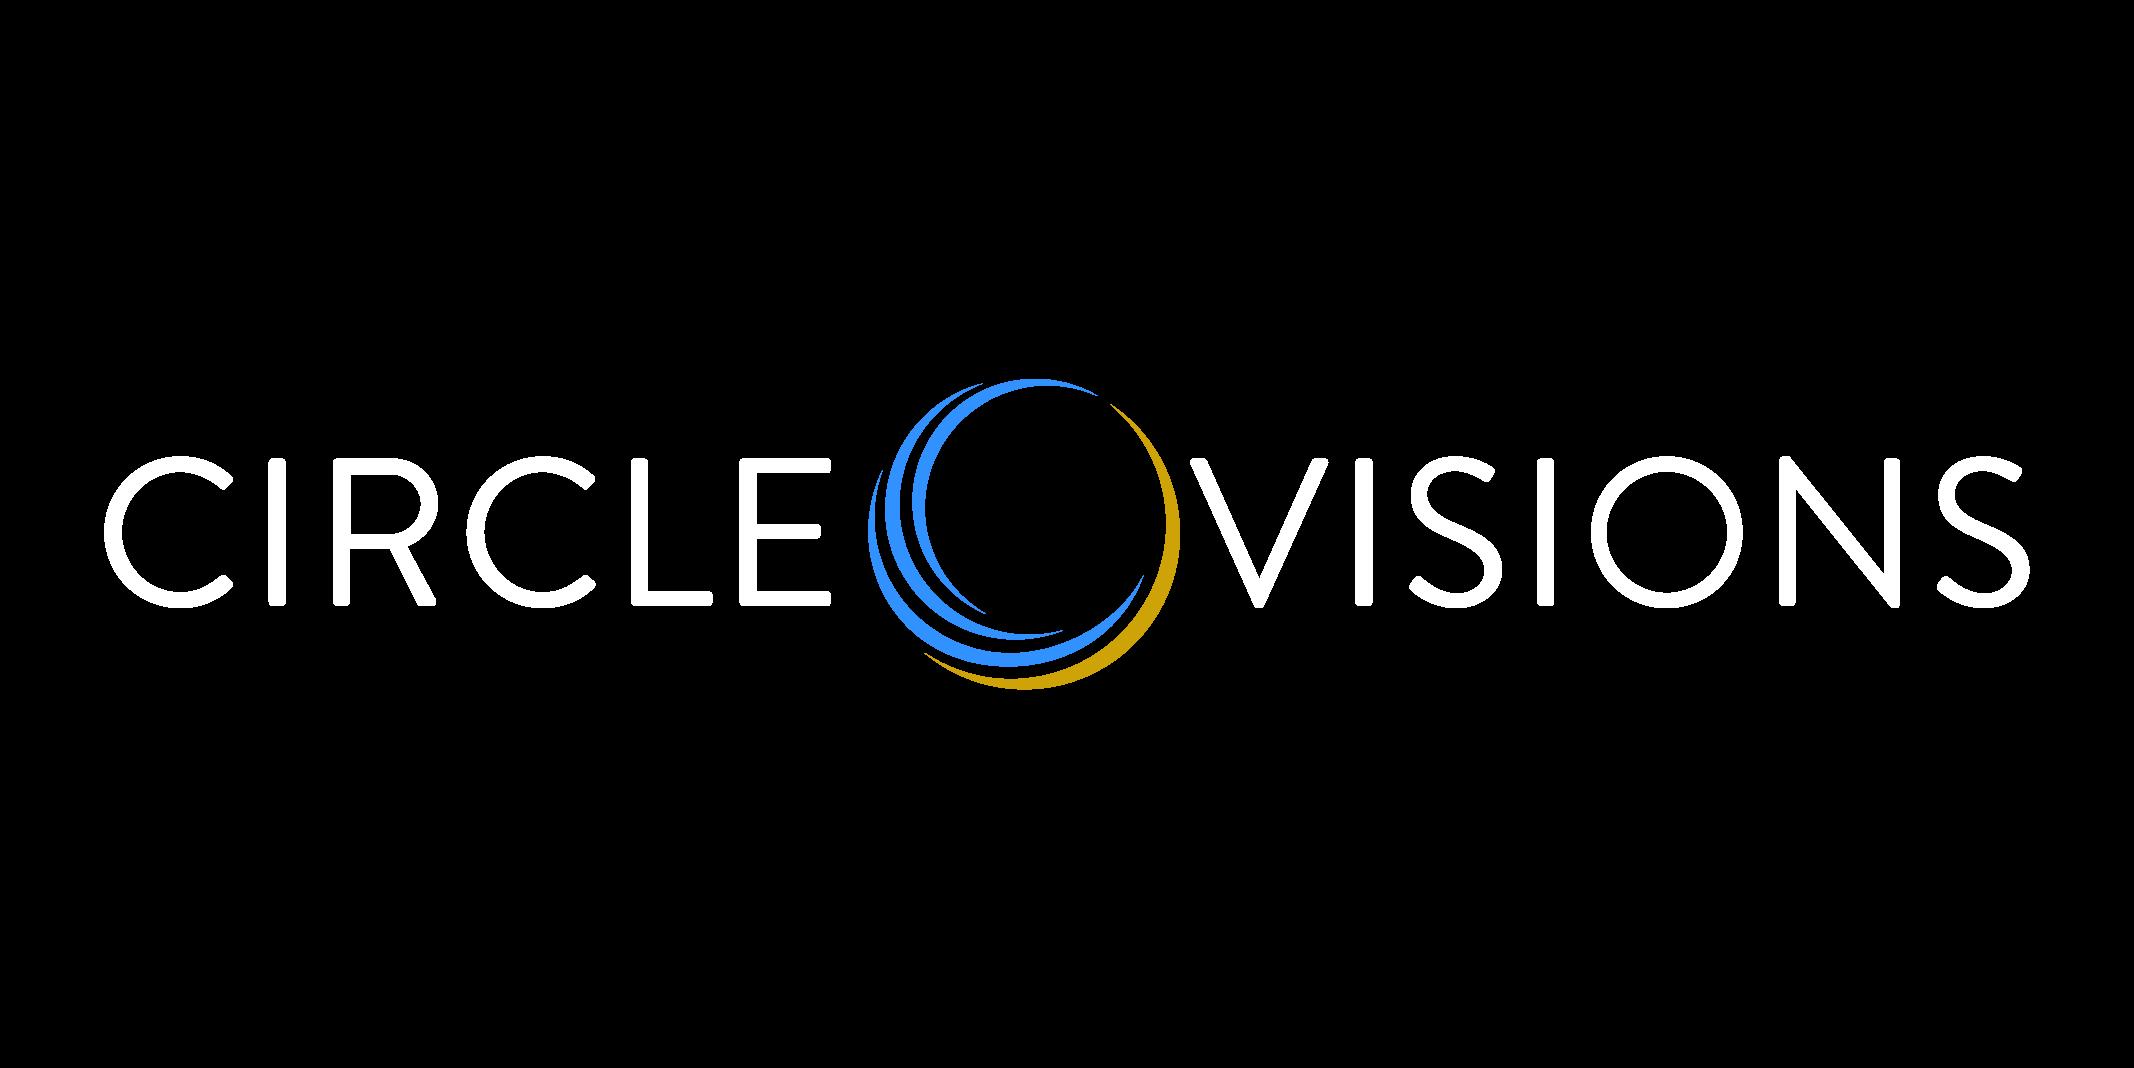 circlevision_logo